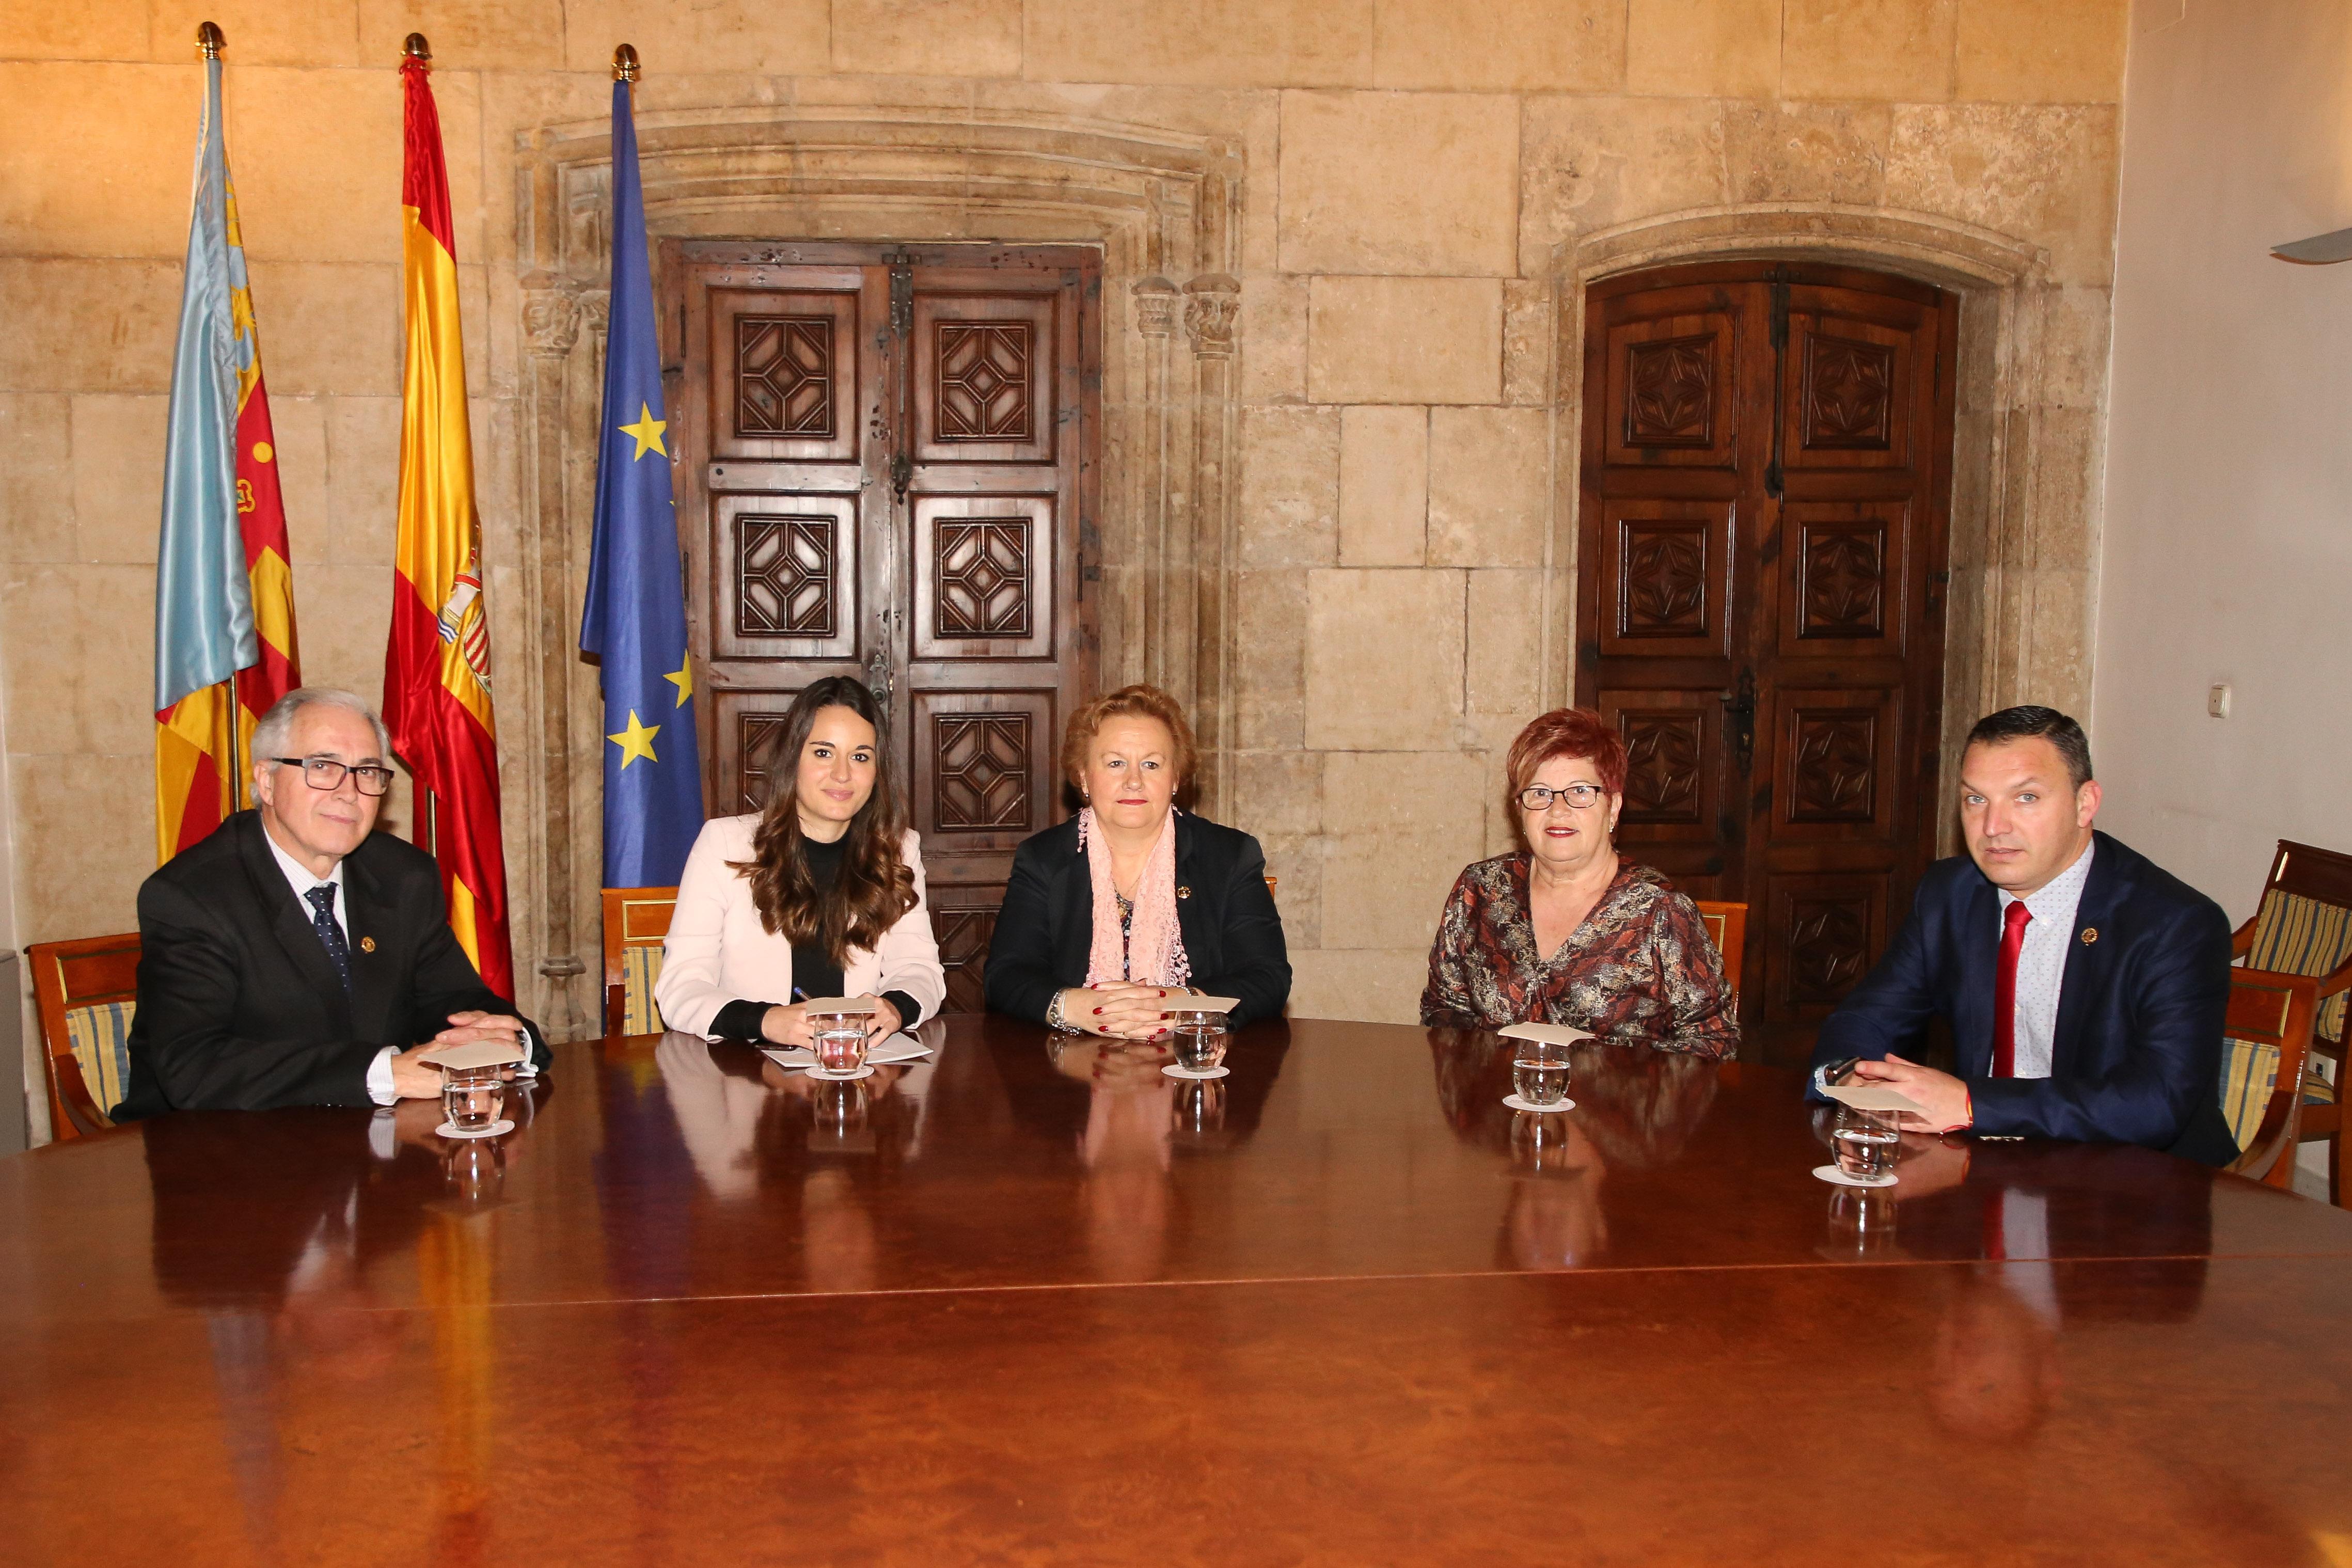 La directora de Coordinación del Diálogo Social se reúne con la Federación de Entidades Culturales Andaluzas de la Comunitat Valenciana